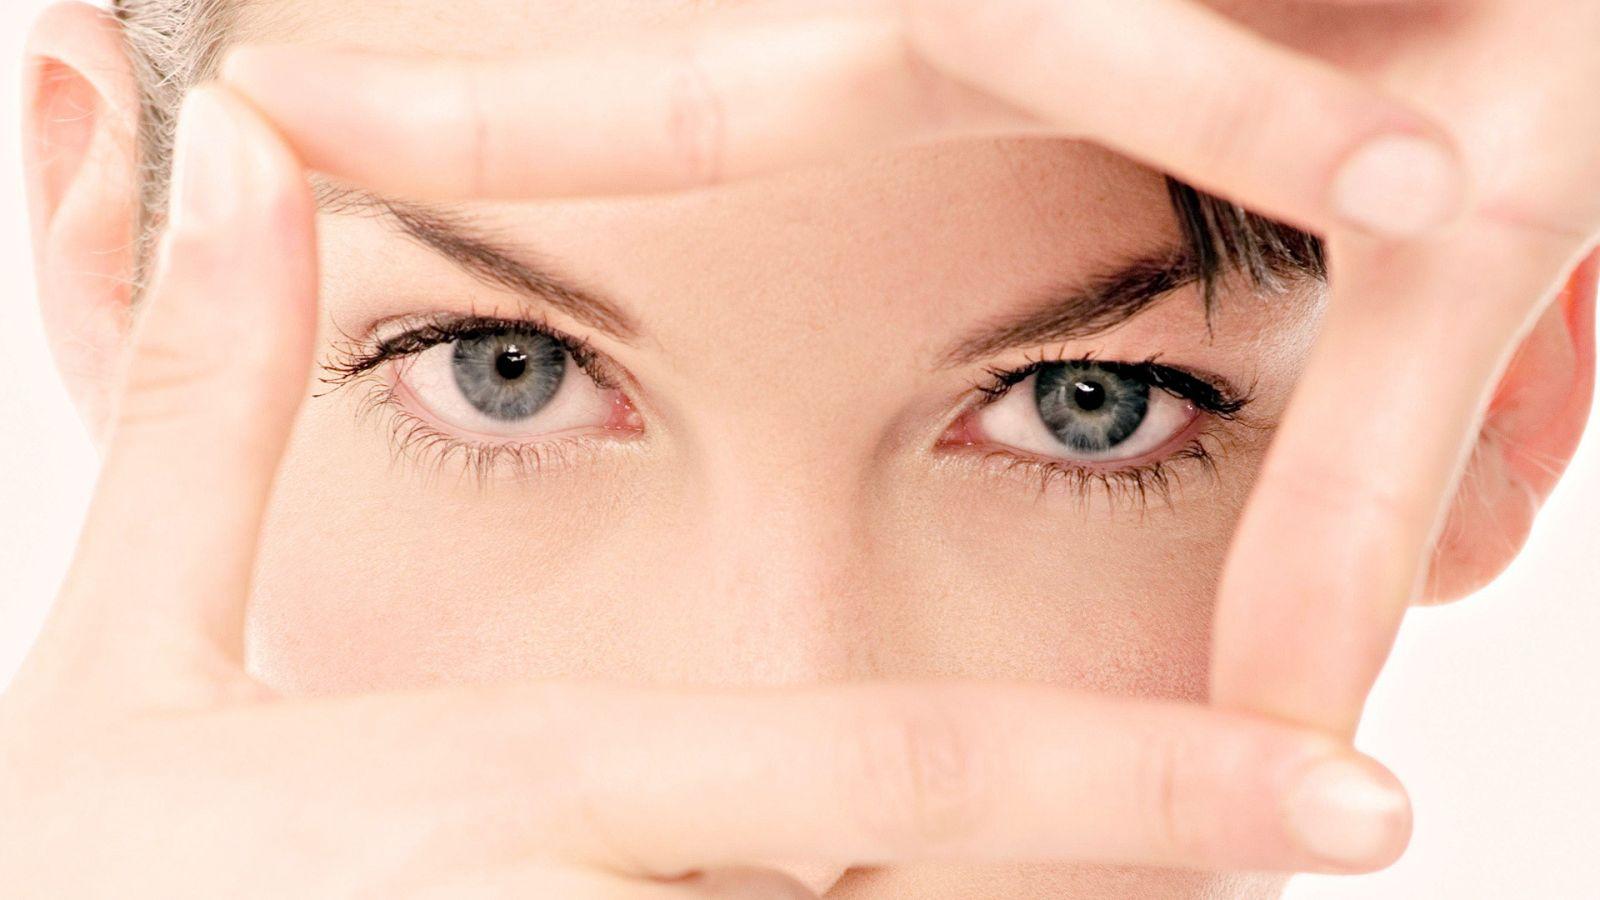 Заботьтесь о здоровье глаз, регулярно посещайте офтальмолога в профилактических целях